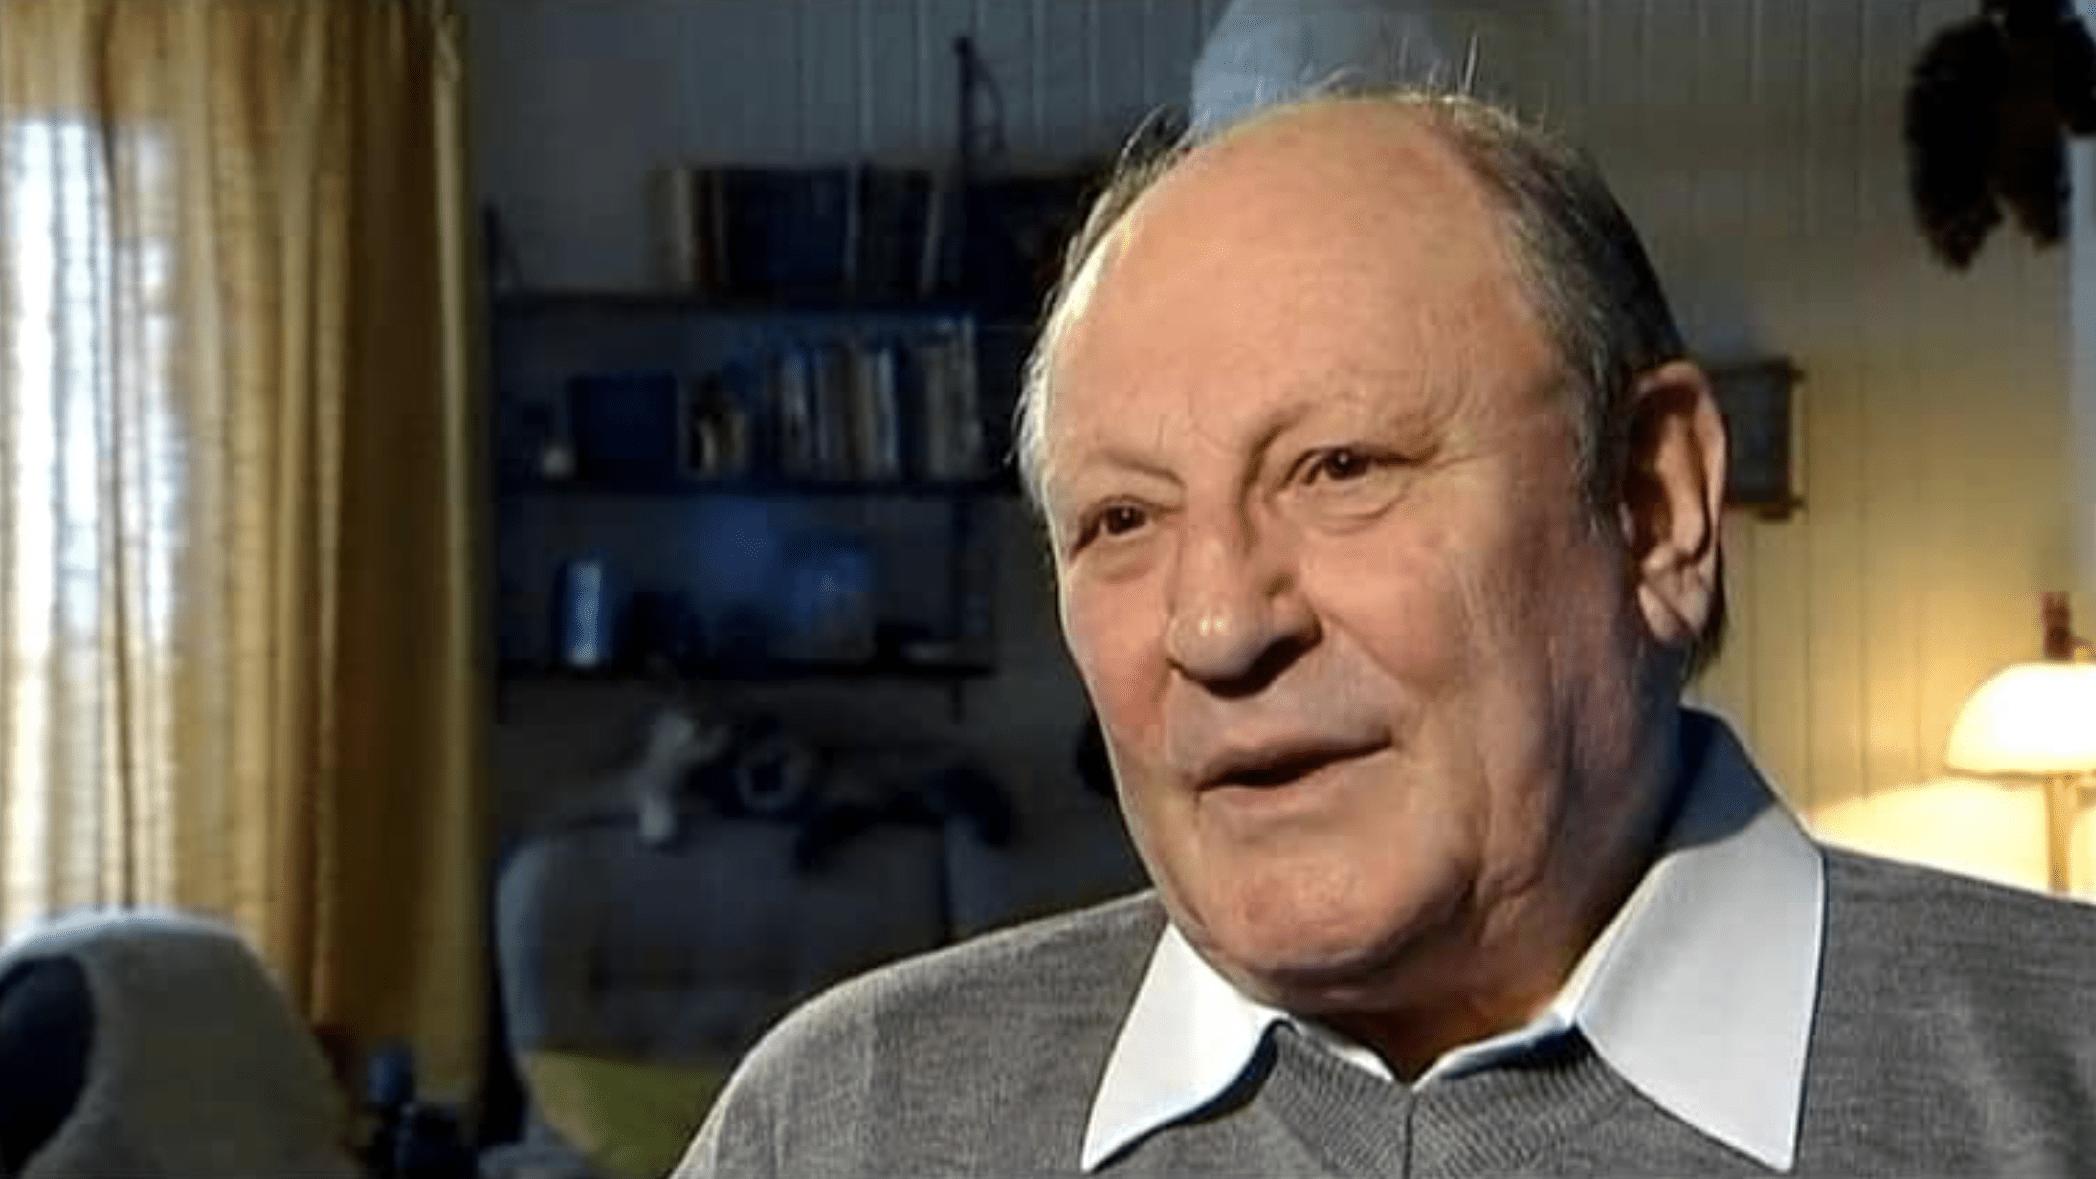 Zeitzeugeninterview Heinz Hintermeier